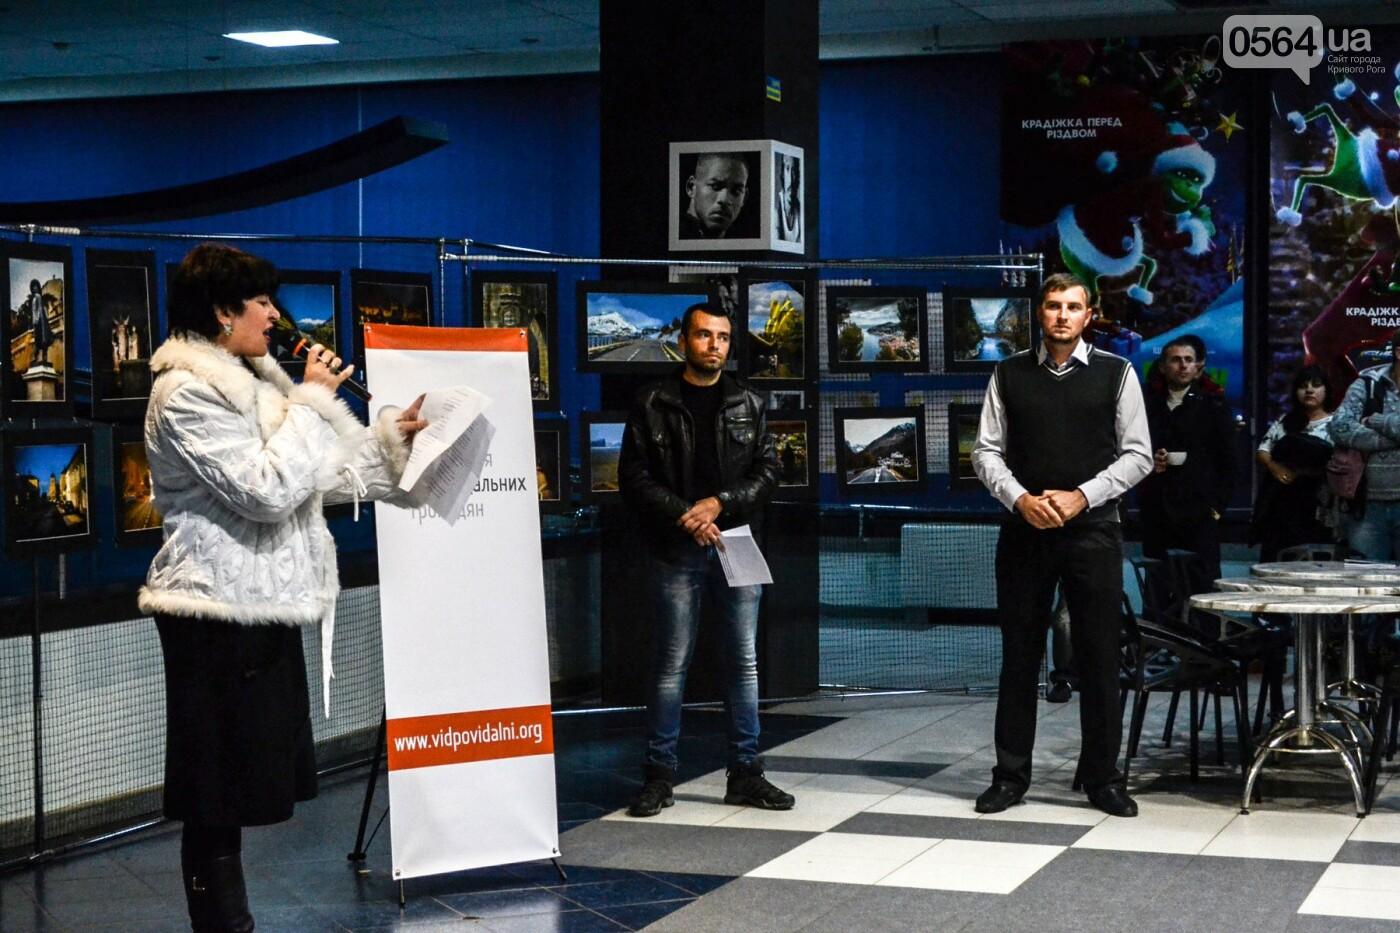 """""""Дорогами Европы"""": в Кривом Роге проходит уникальная фотовыставка ветерана АТО, - ФОТО, ВИДЕО, фото-14"""